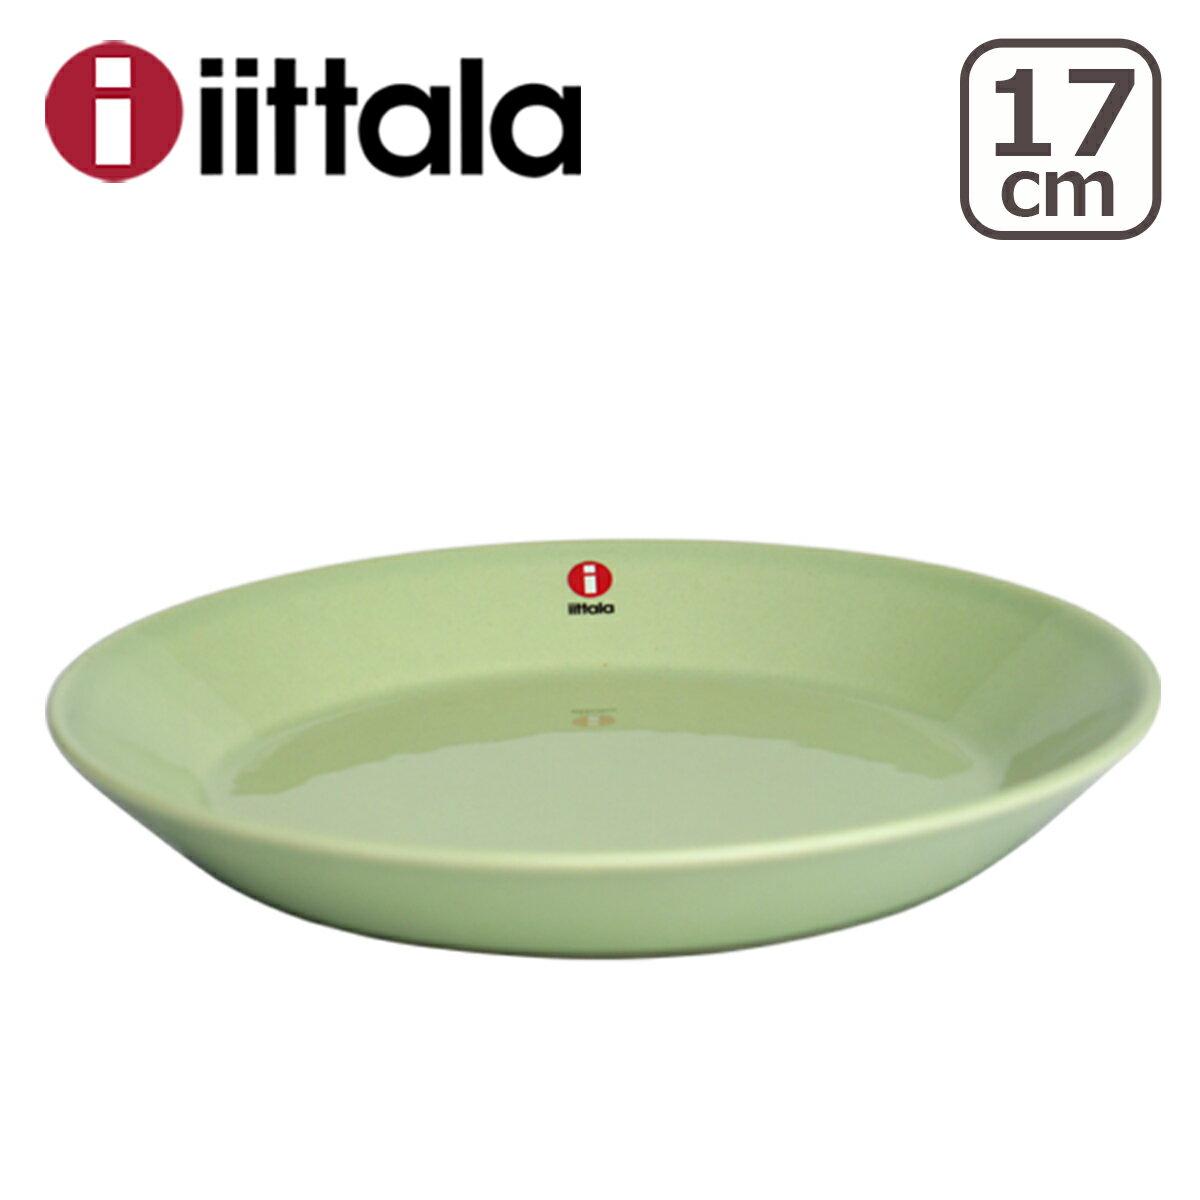 【4時間5%OFFクーポン】iittala イッタラ TEEMA(ティーマ) 17cm プレート セラドングリーン